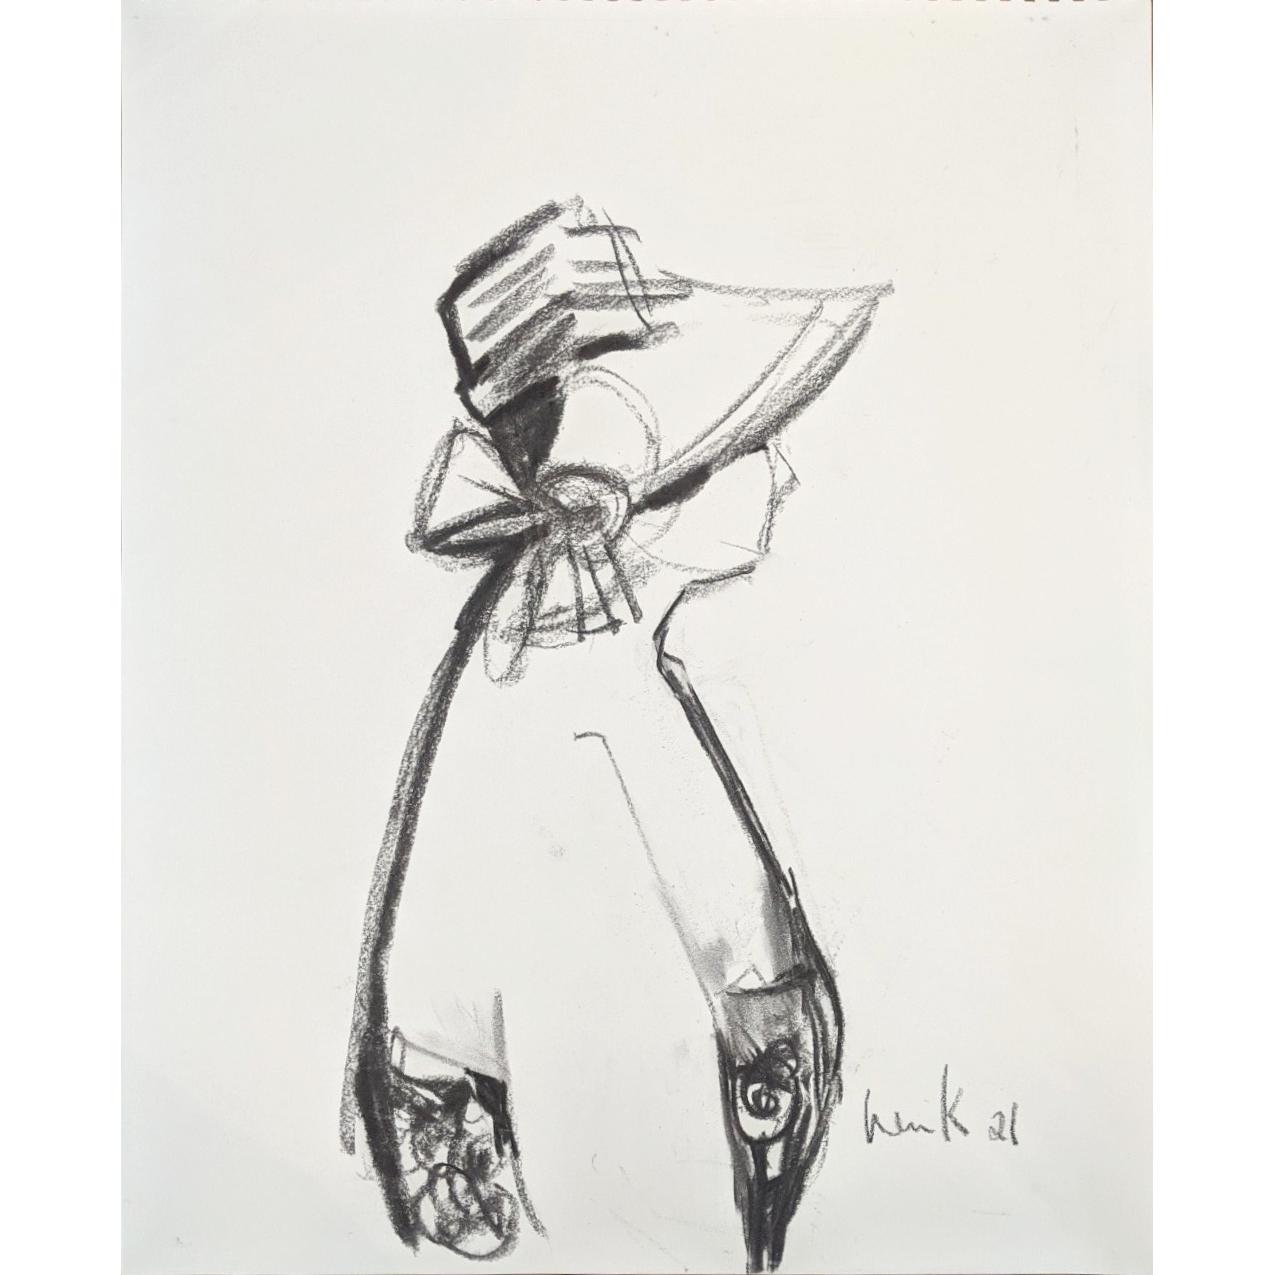 Sun Hat 2 (study) by Win  Keenan-Kuplowsky